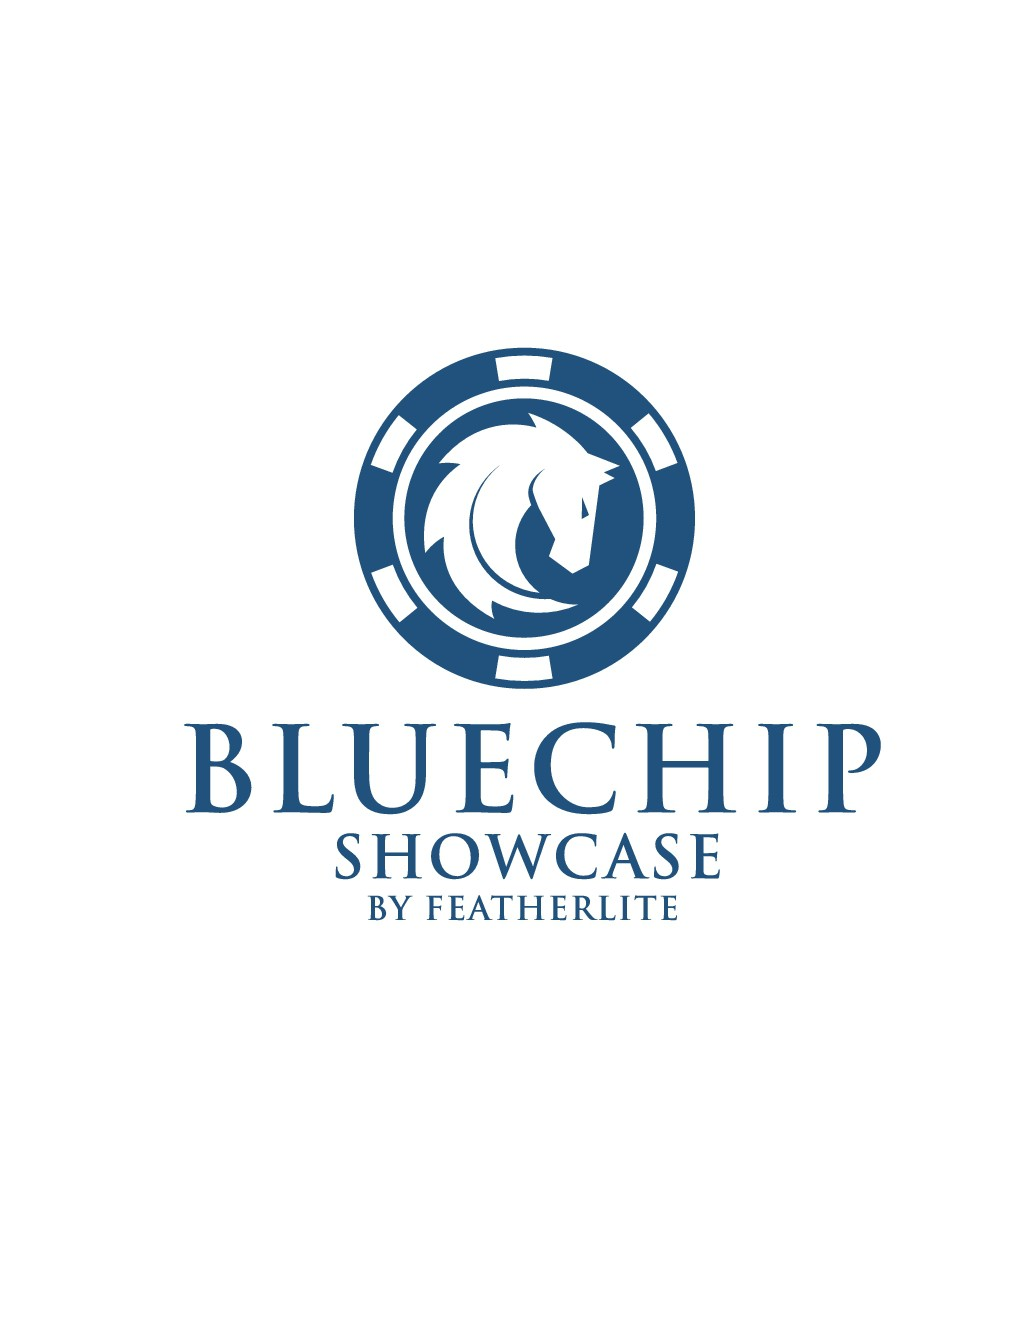 Design a Bluechip showcase event logo!